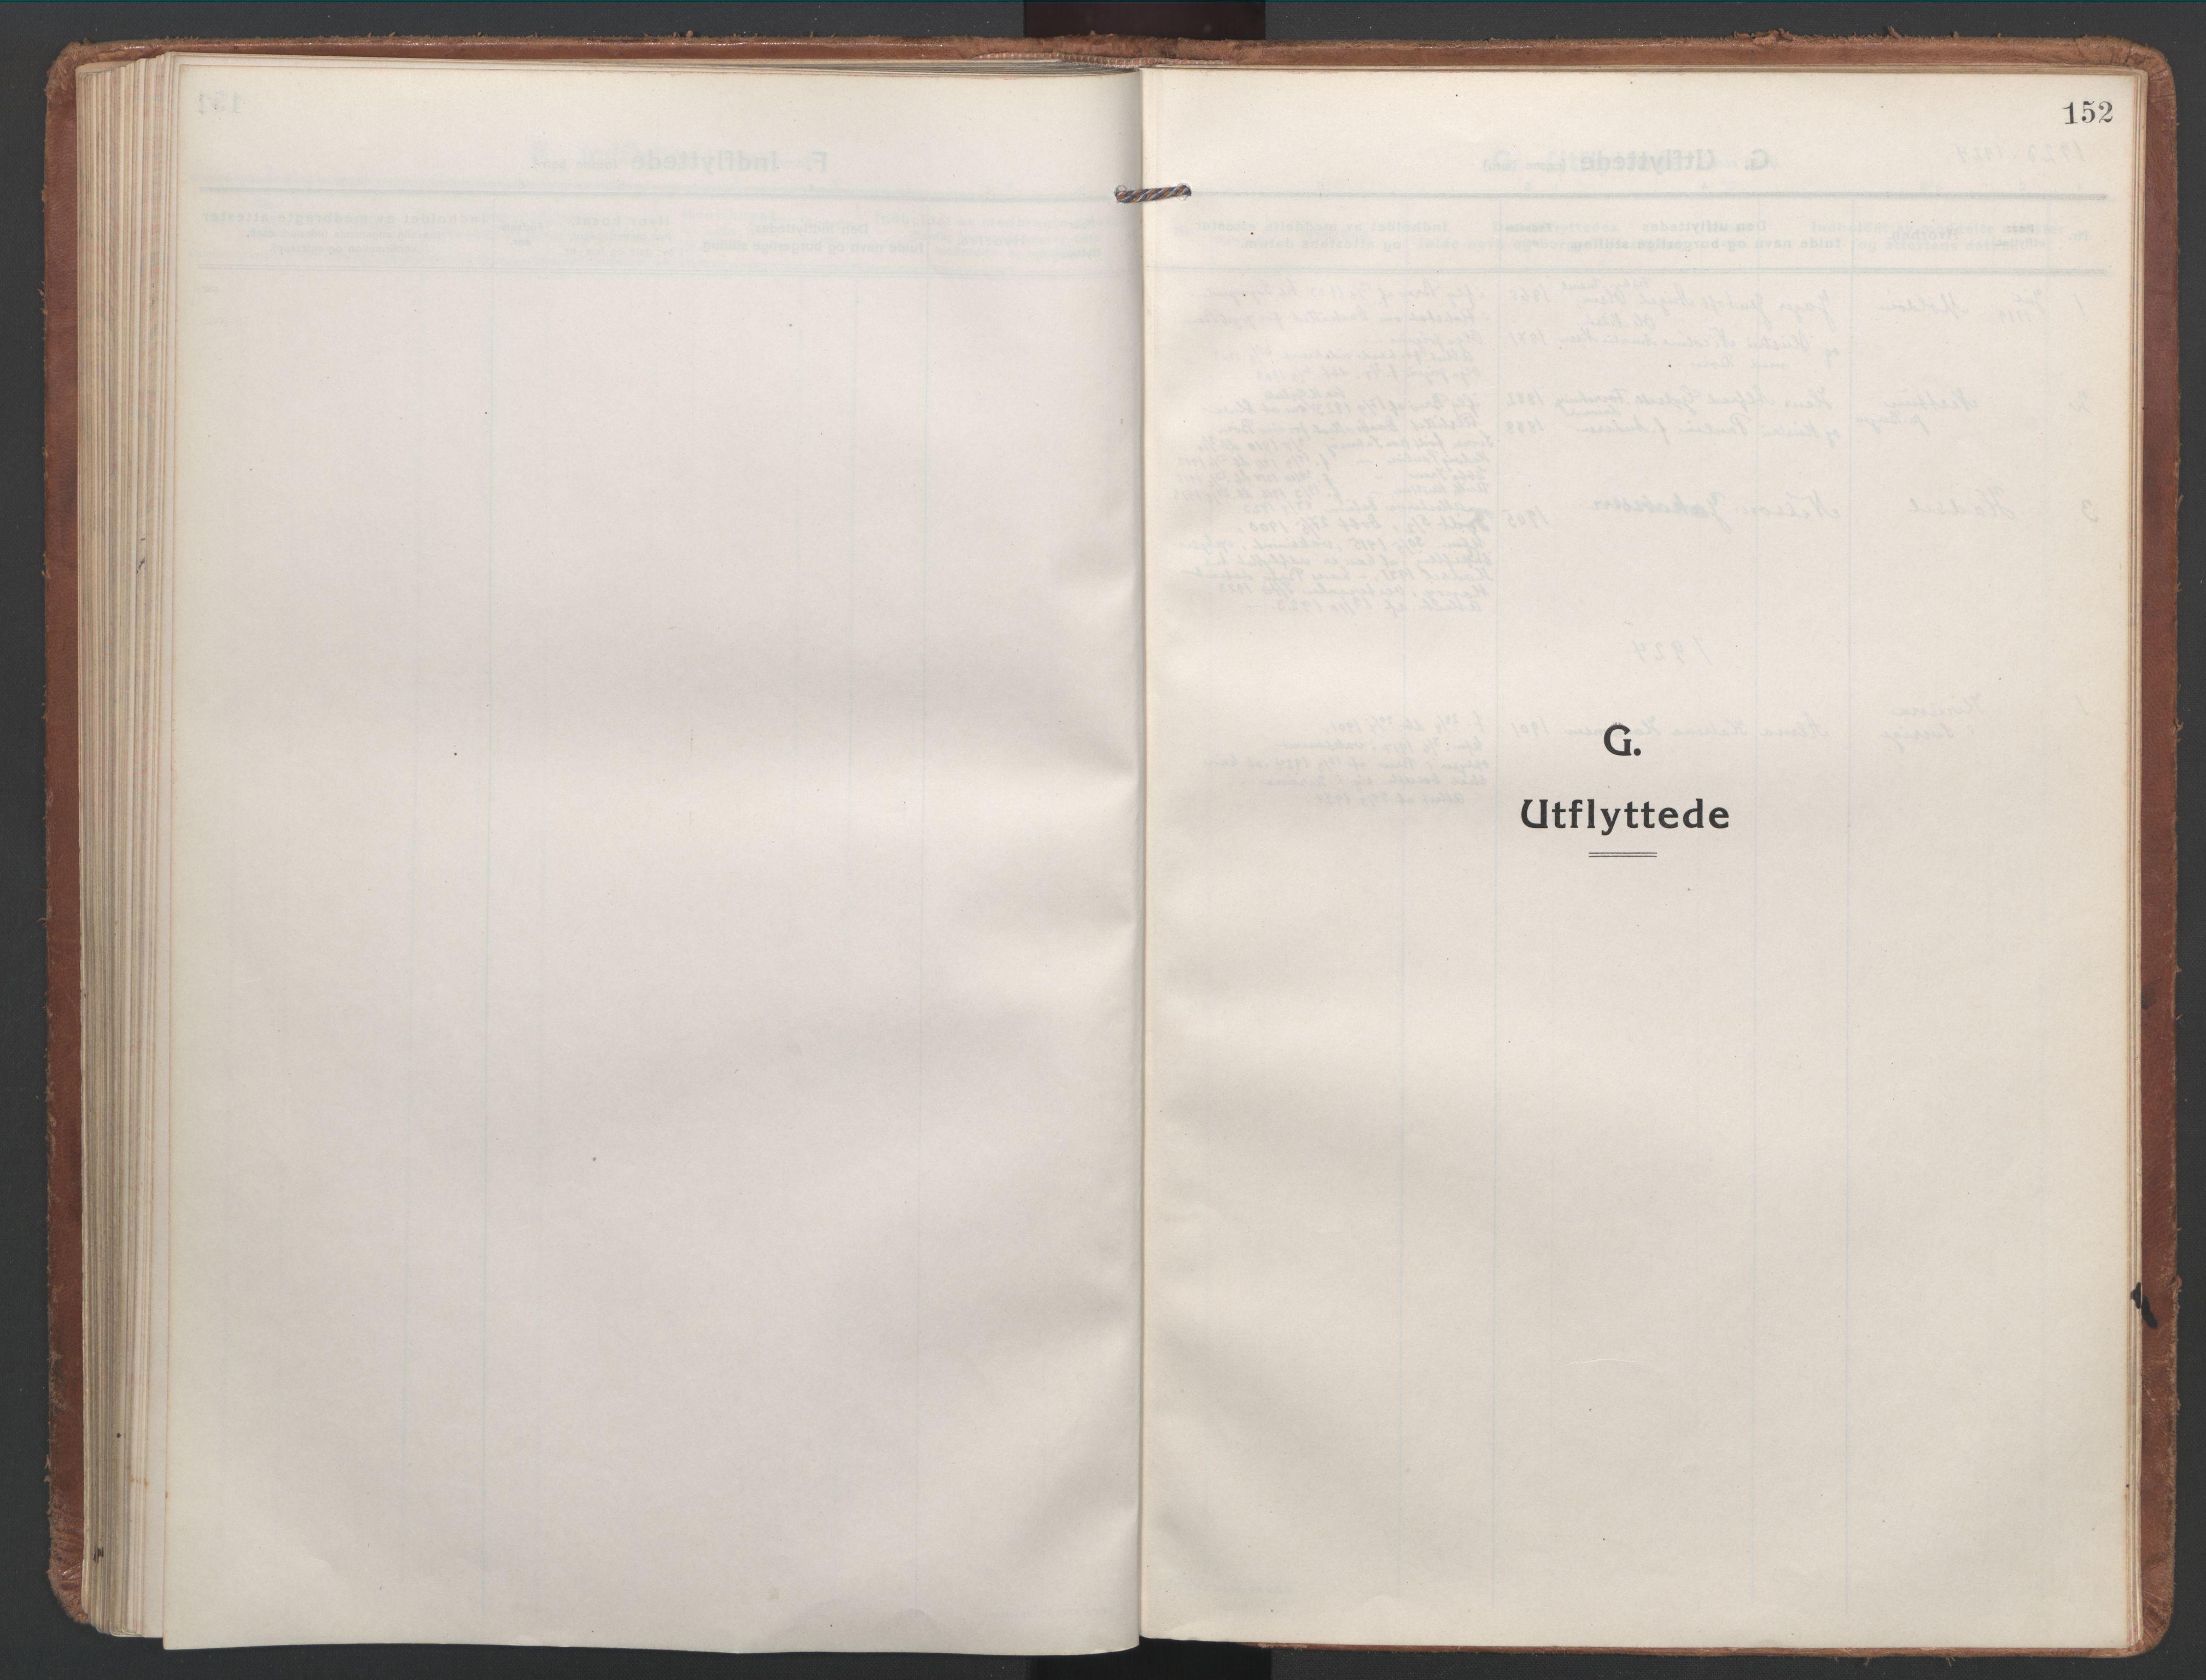 SAT, Ministerialprotokoller, klokkerbøker og fødselsregistre - Nordland, 886/L1222: Parish register (official) no. 886A04, 1914-1926, p. 152